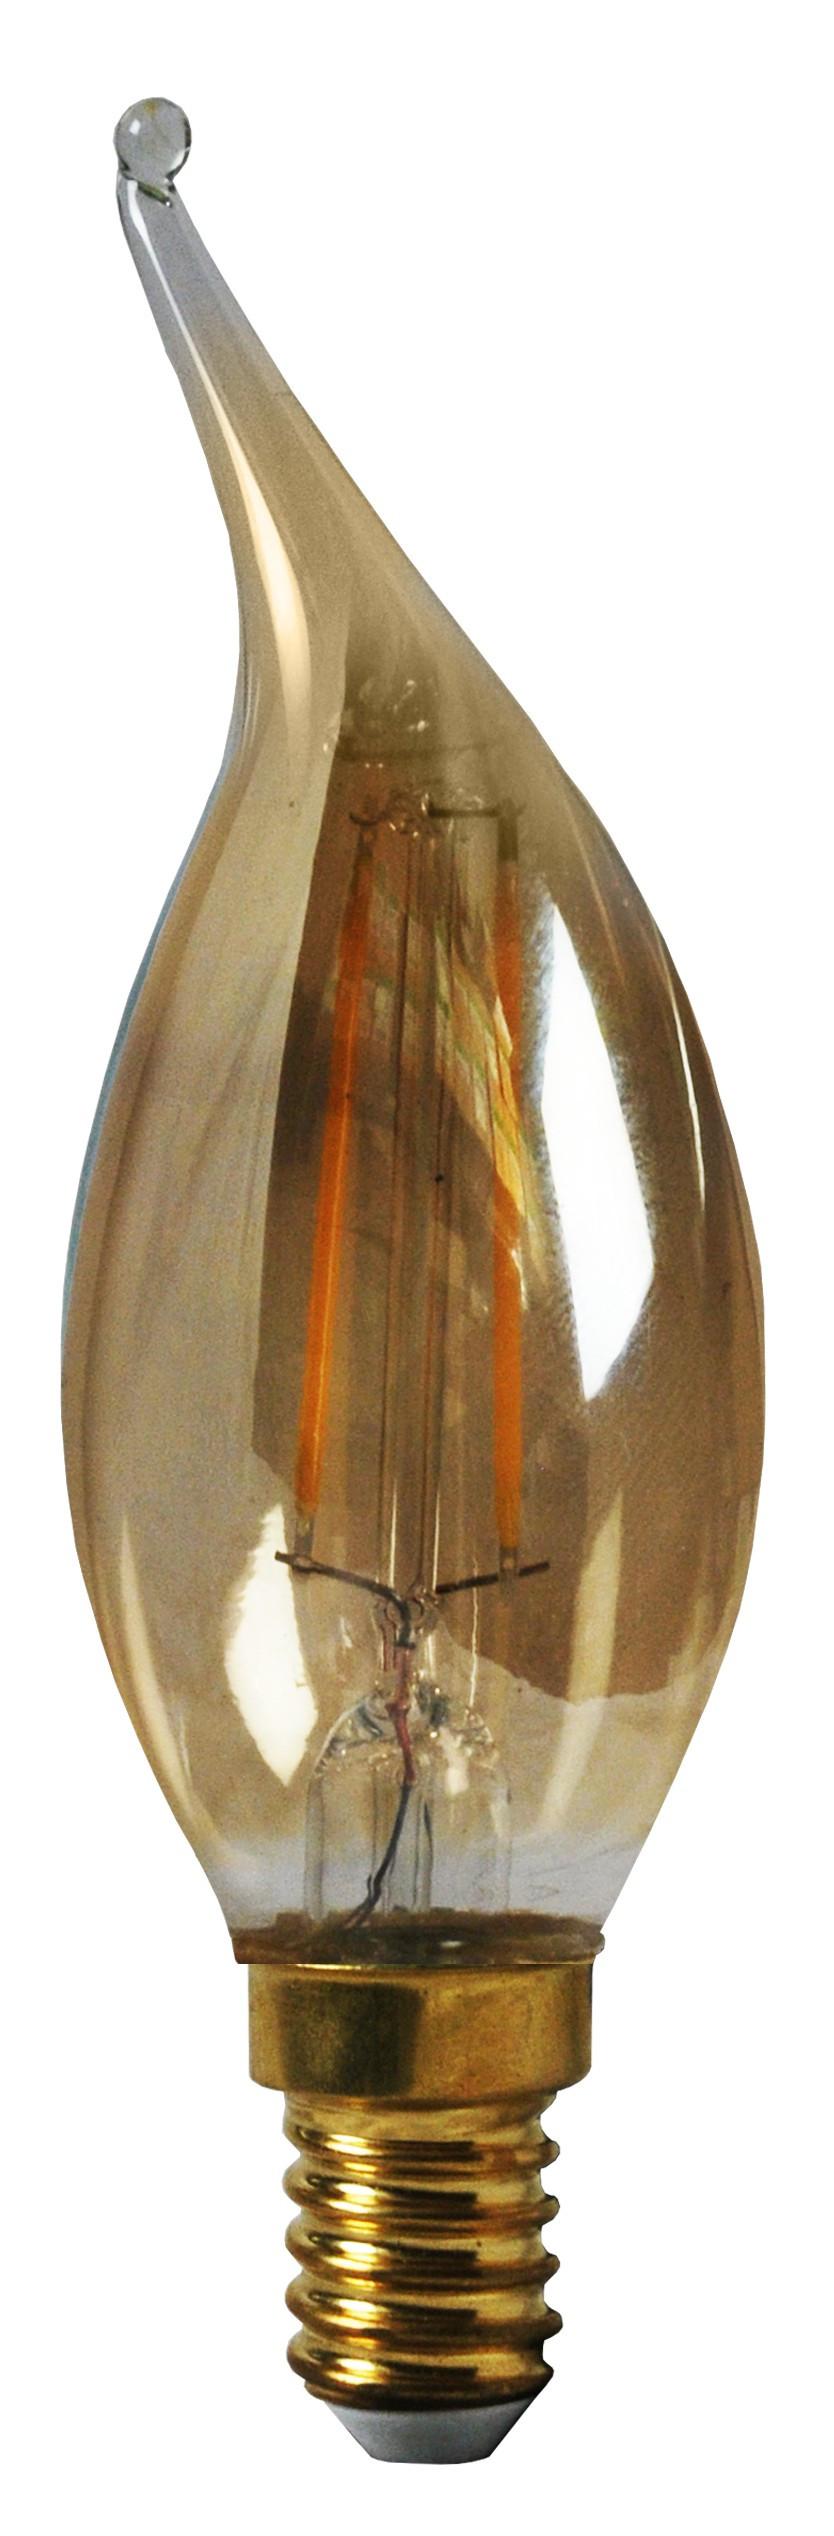 ampoule flamme filament led 2 watt cv4 ambr culot e14. Black Bedroom Furniture Sets. Home Design Ideas